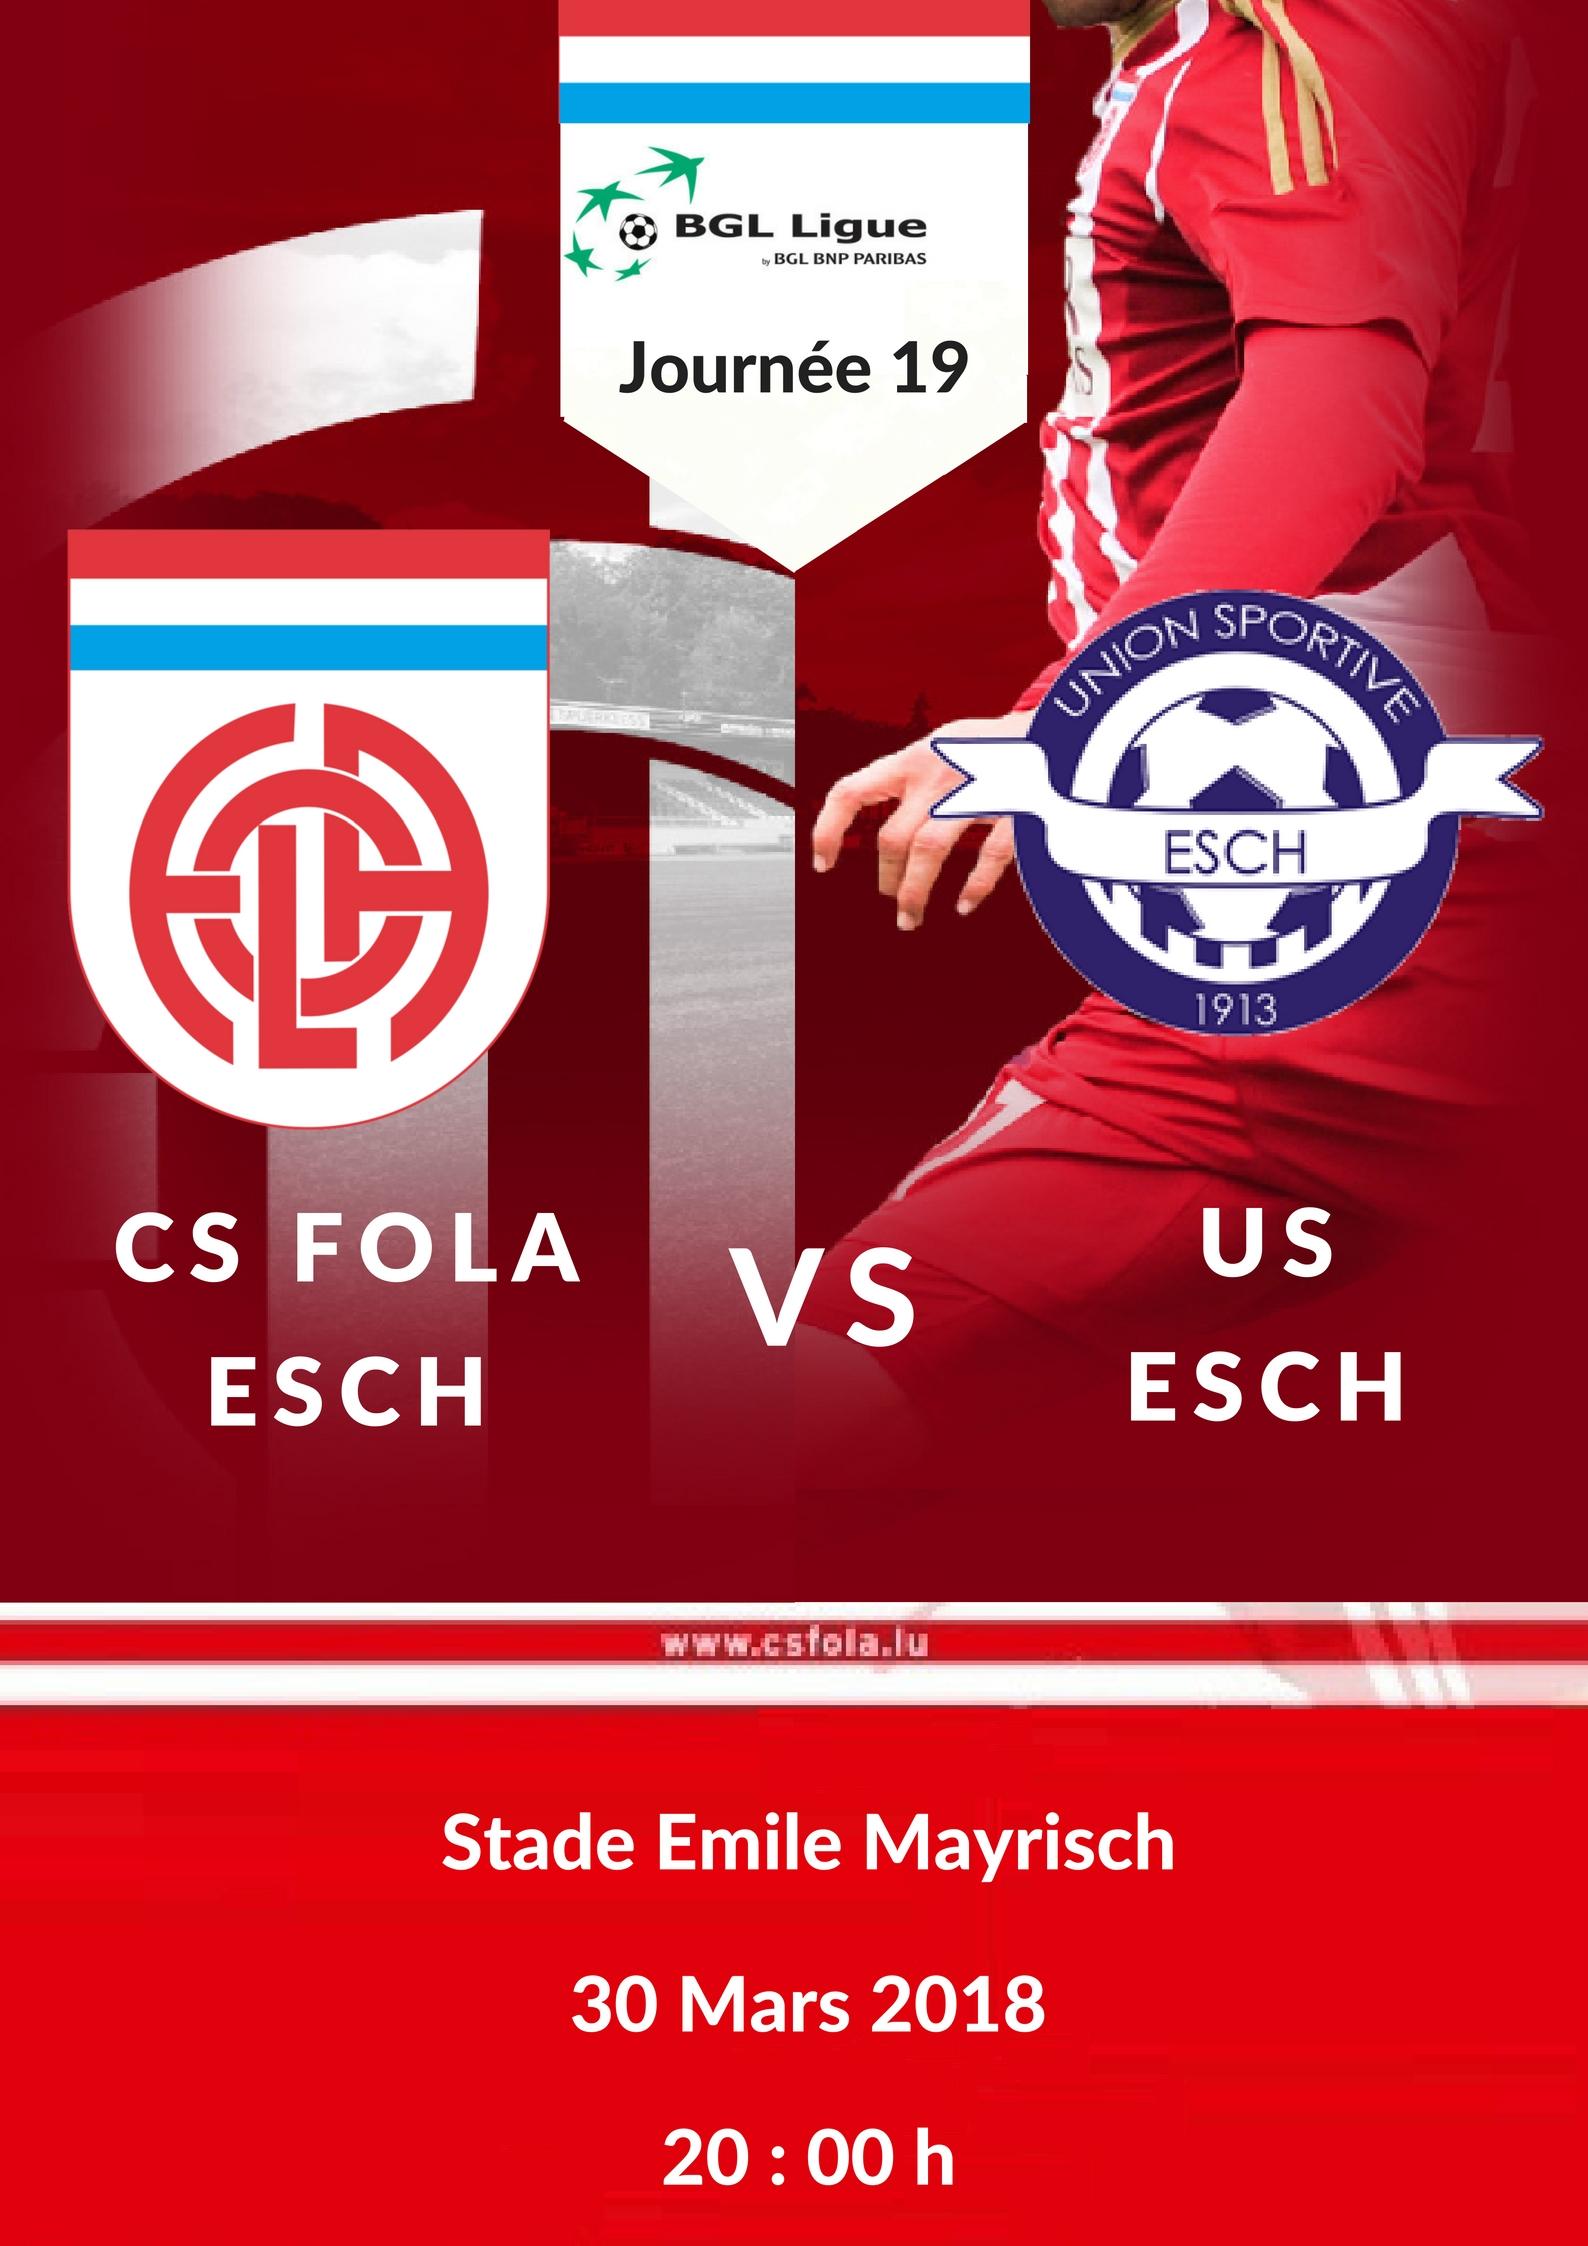 Cs Fola vs US Esch